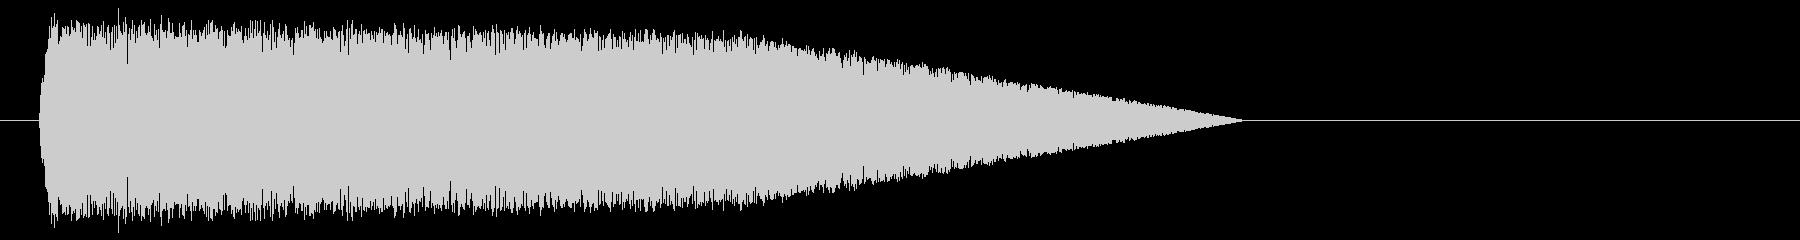 エネルギーMAXチャージの未再生の波形